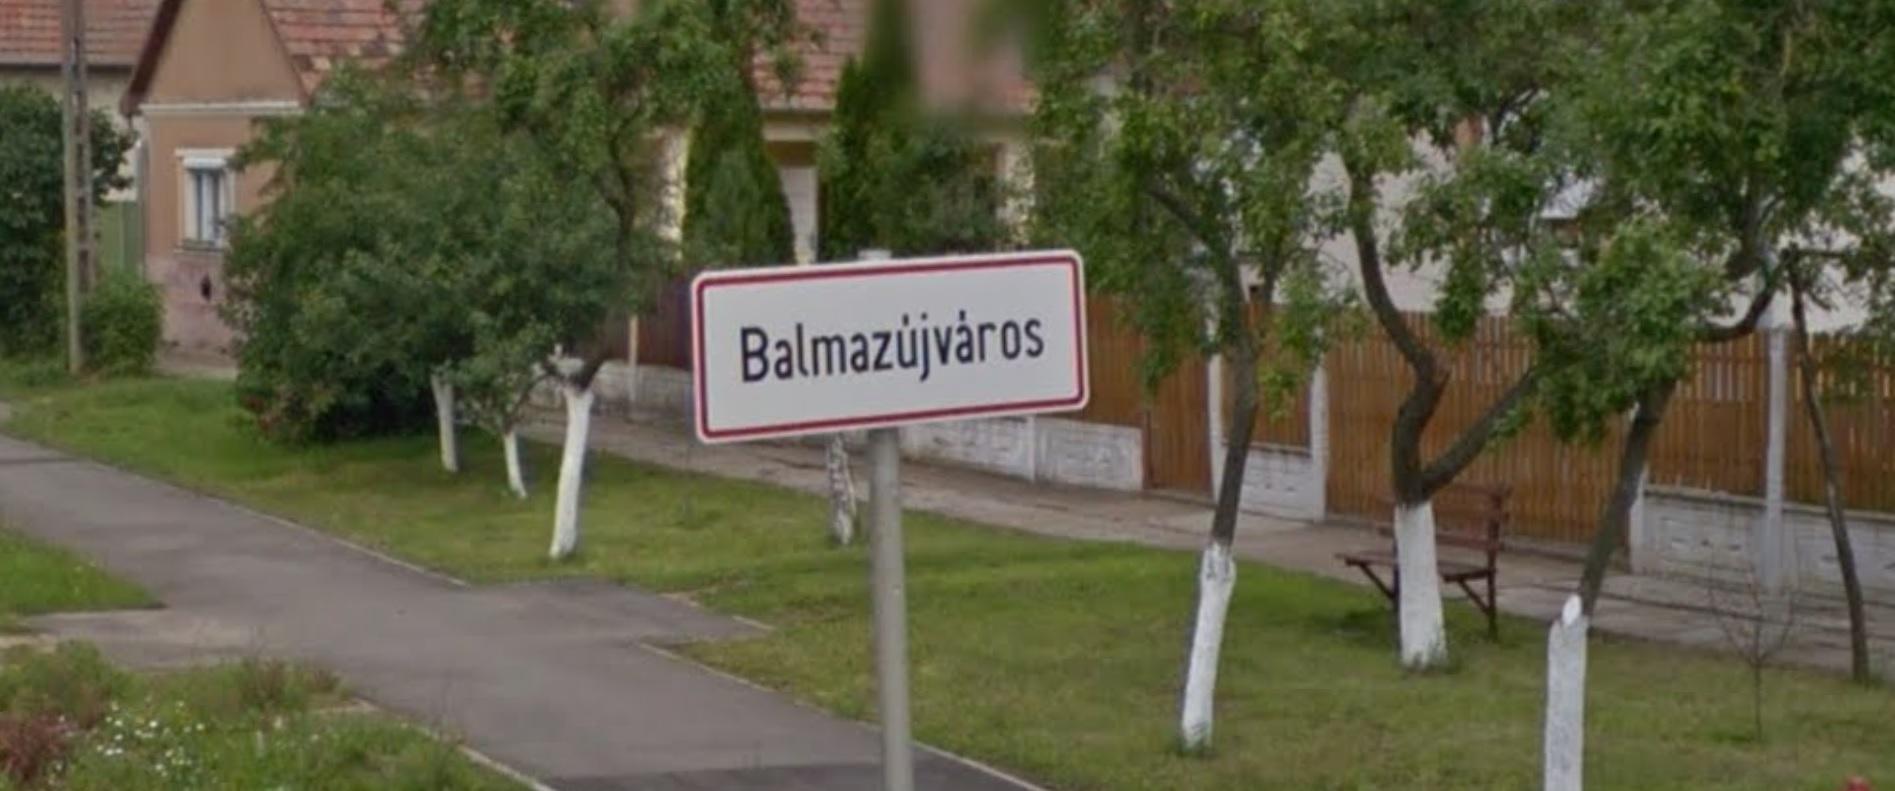 Öt év letöltendő börtönre ítélték Balmazújváros polgármesterét